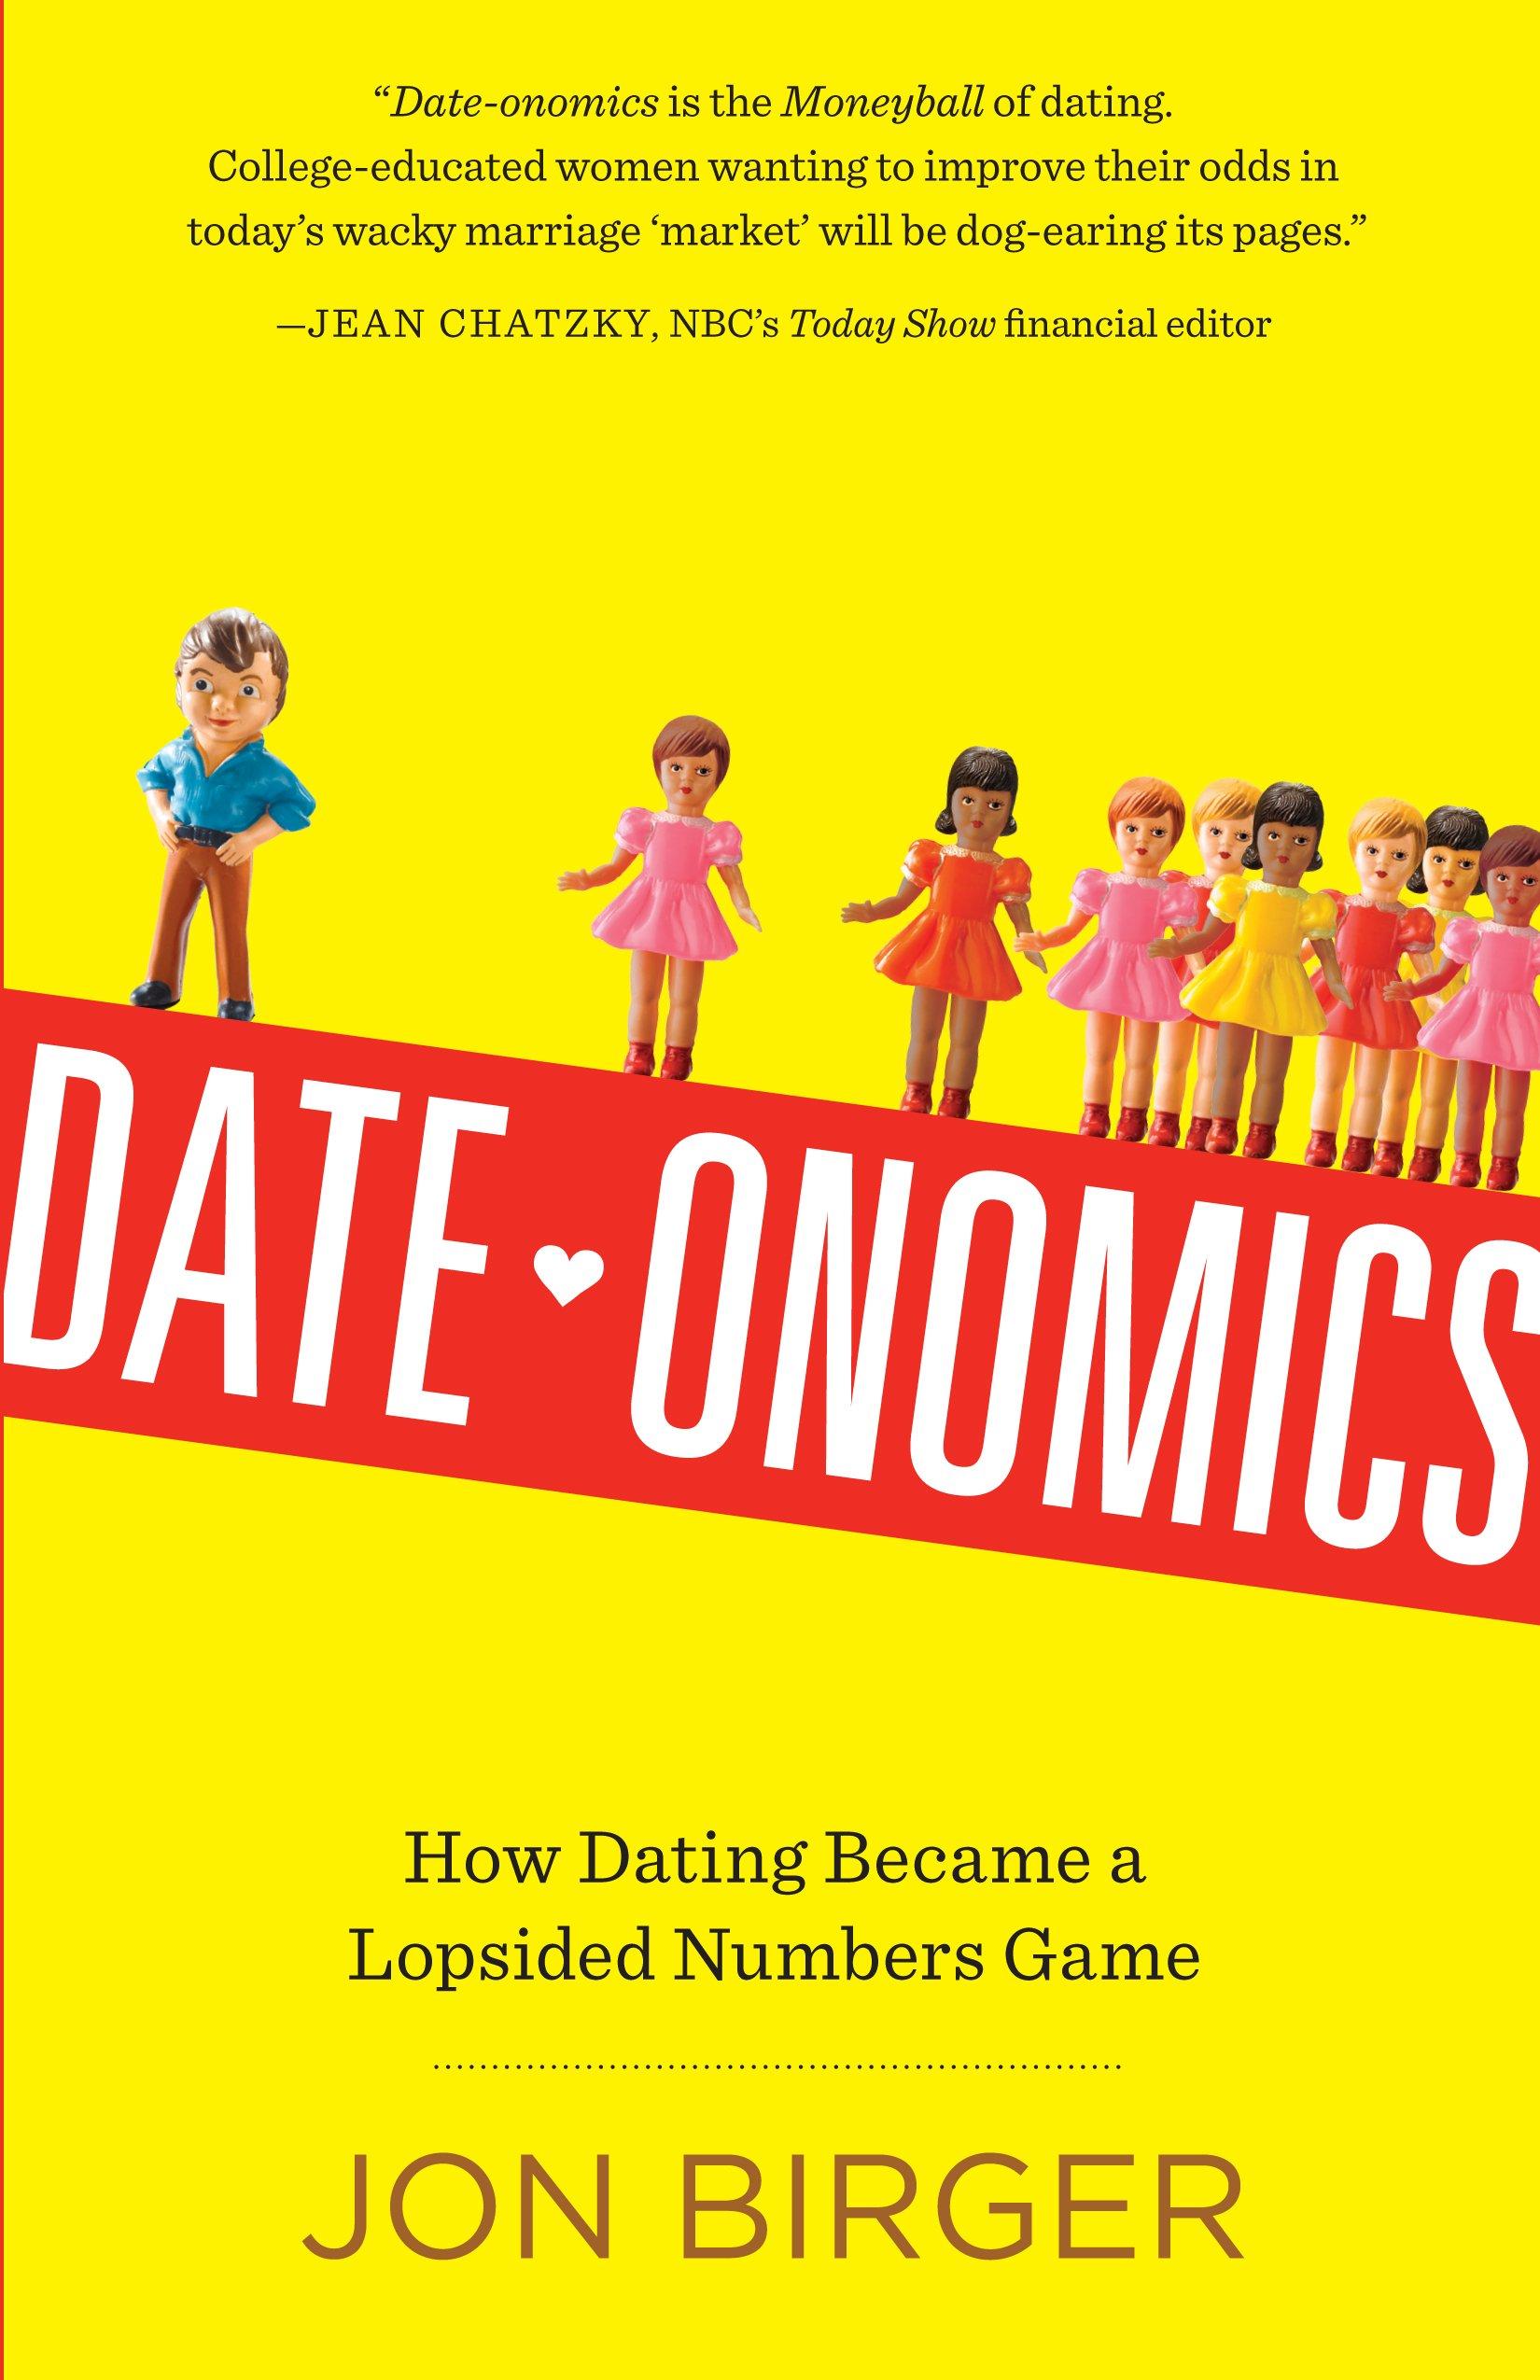 Dating-Seiten für College-Grads